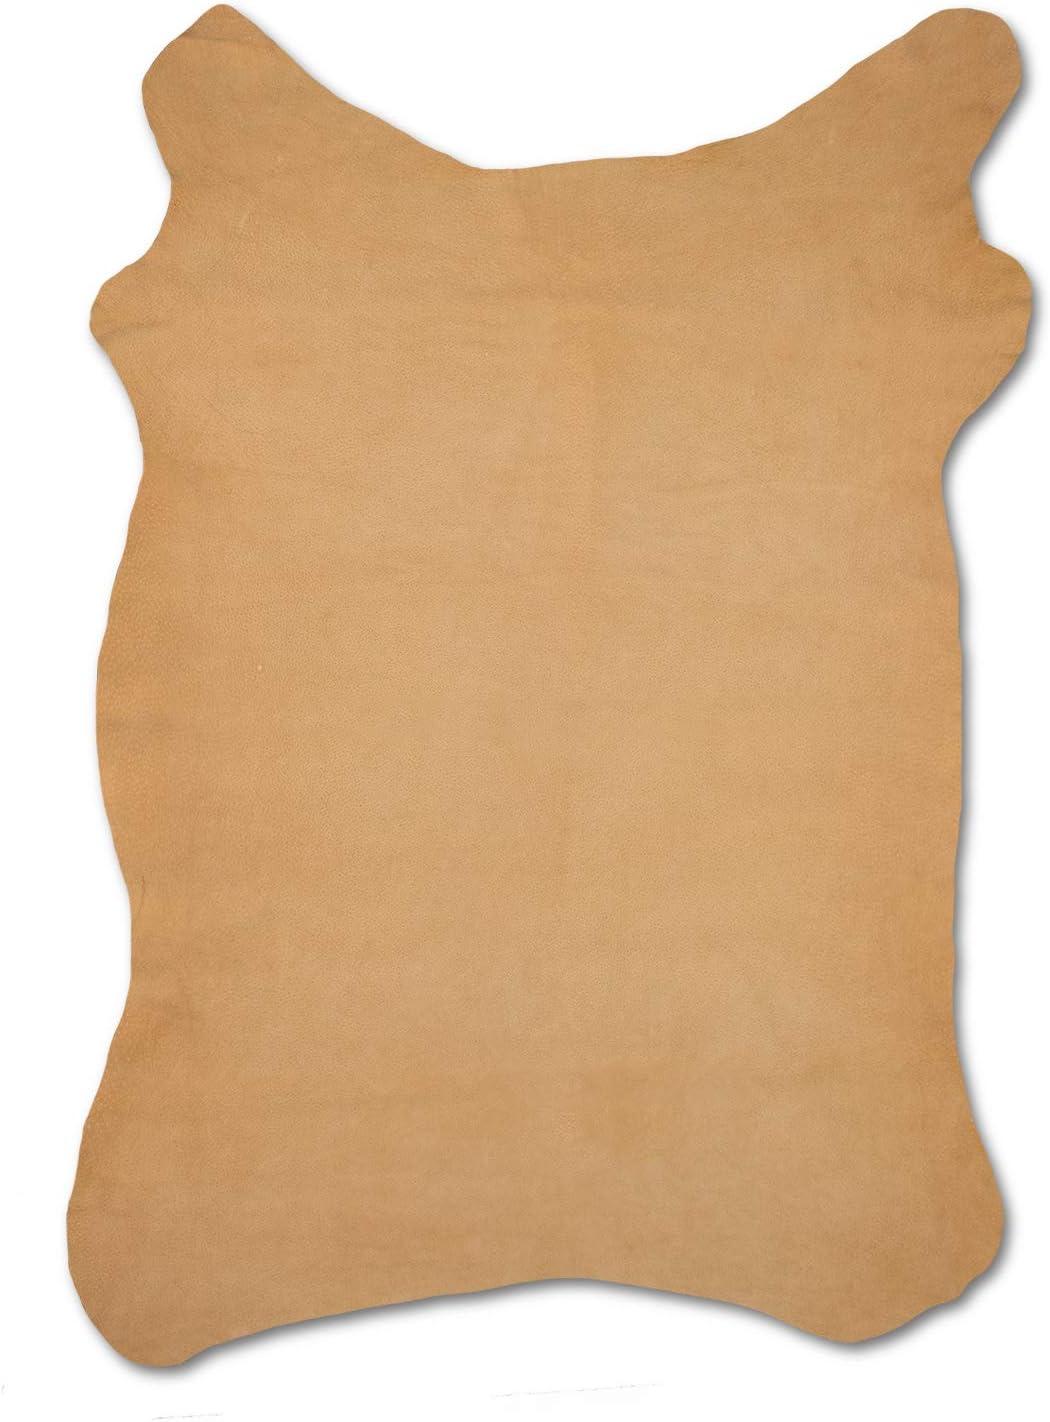 Zerimar Piel Cuero   Pieles Cuero Natural   Retales de Piel para Manualidades   Piel para Artesanos   Retal Cuero   Retales de Cuero   Color: marron   Medidas: 80x75 cm (cuero-1)